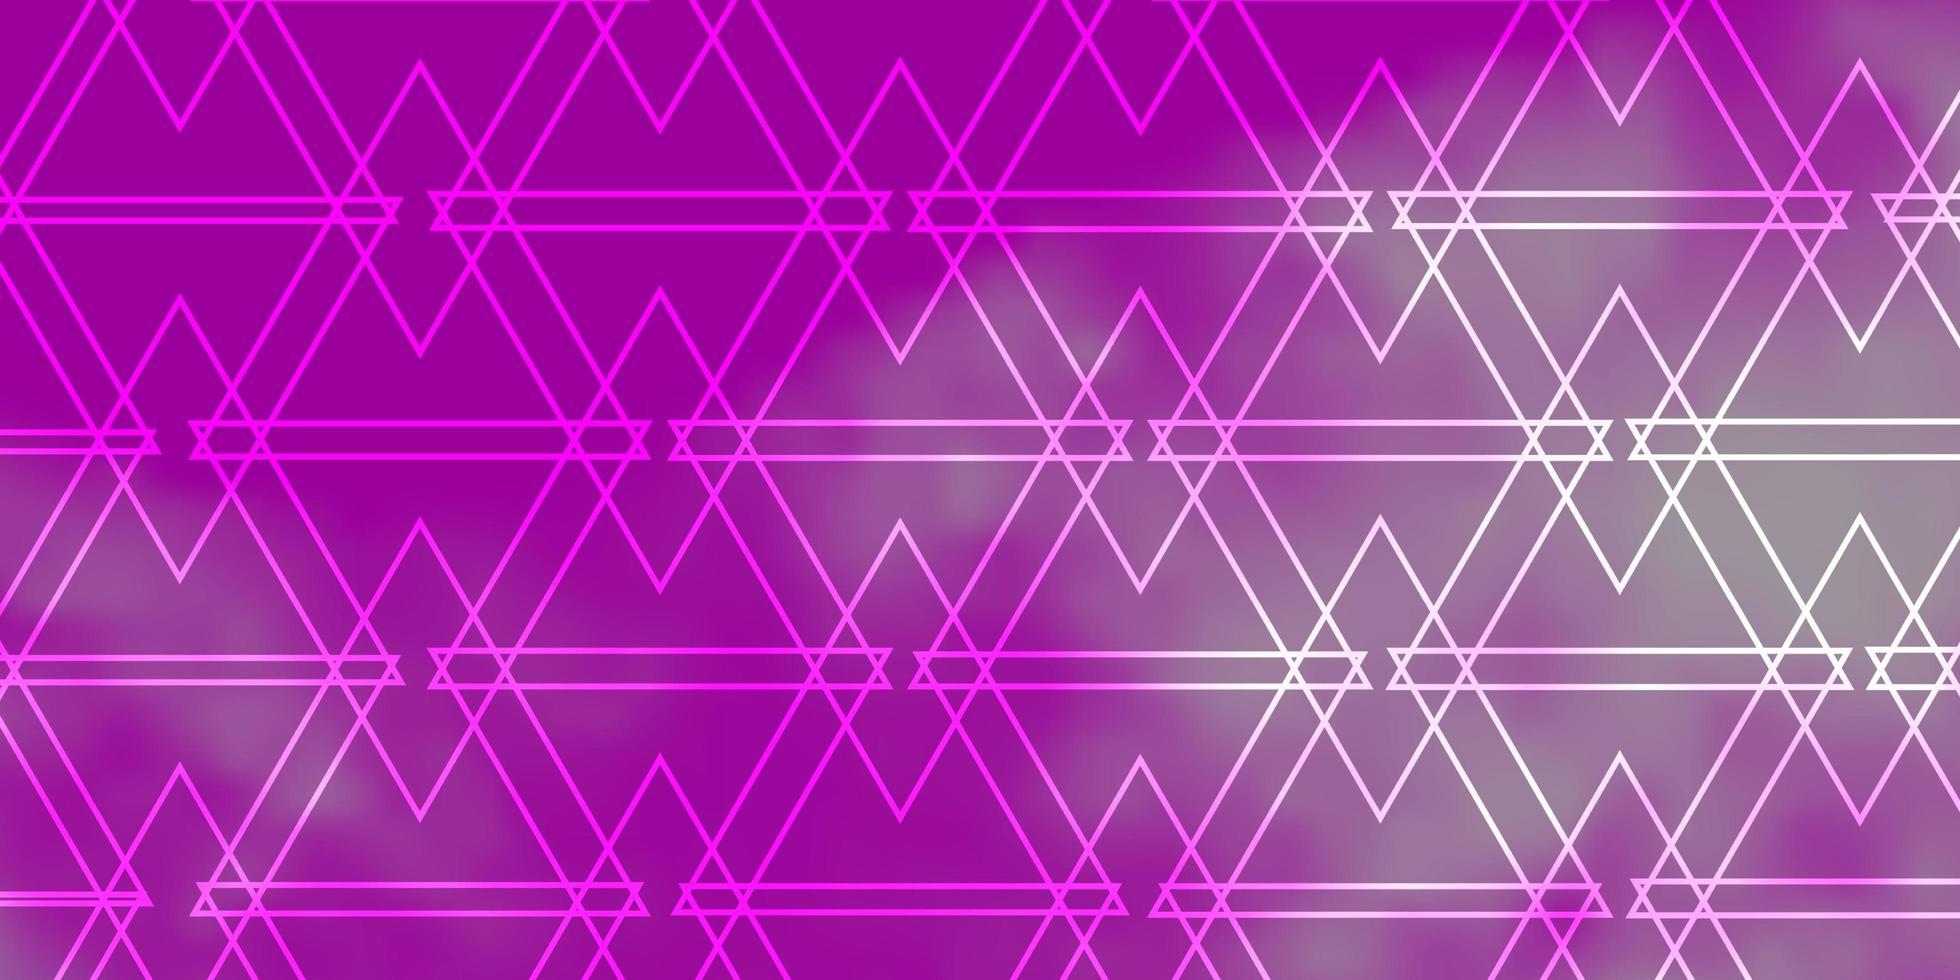 modello vettoriale viola chiaro, rosa con linee, triangoli.